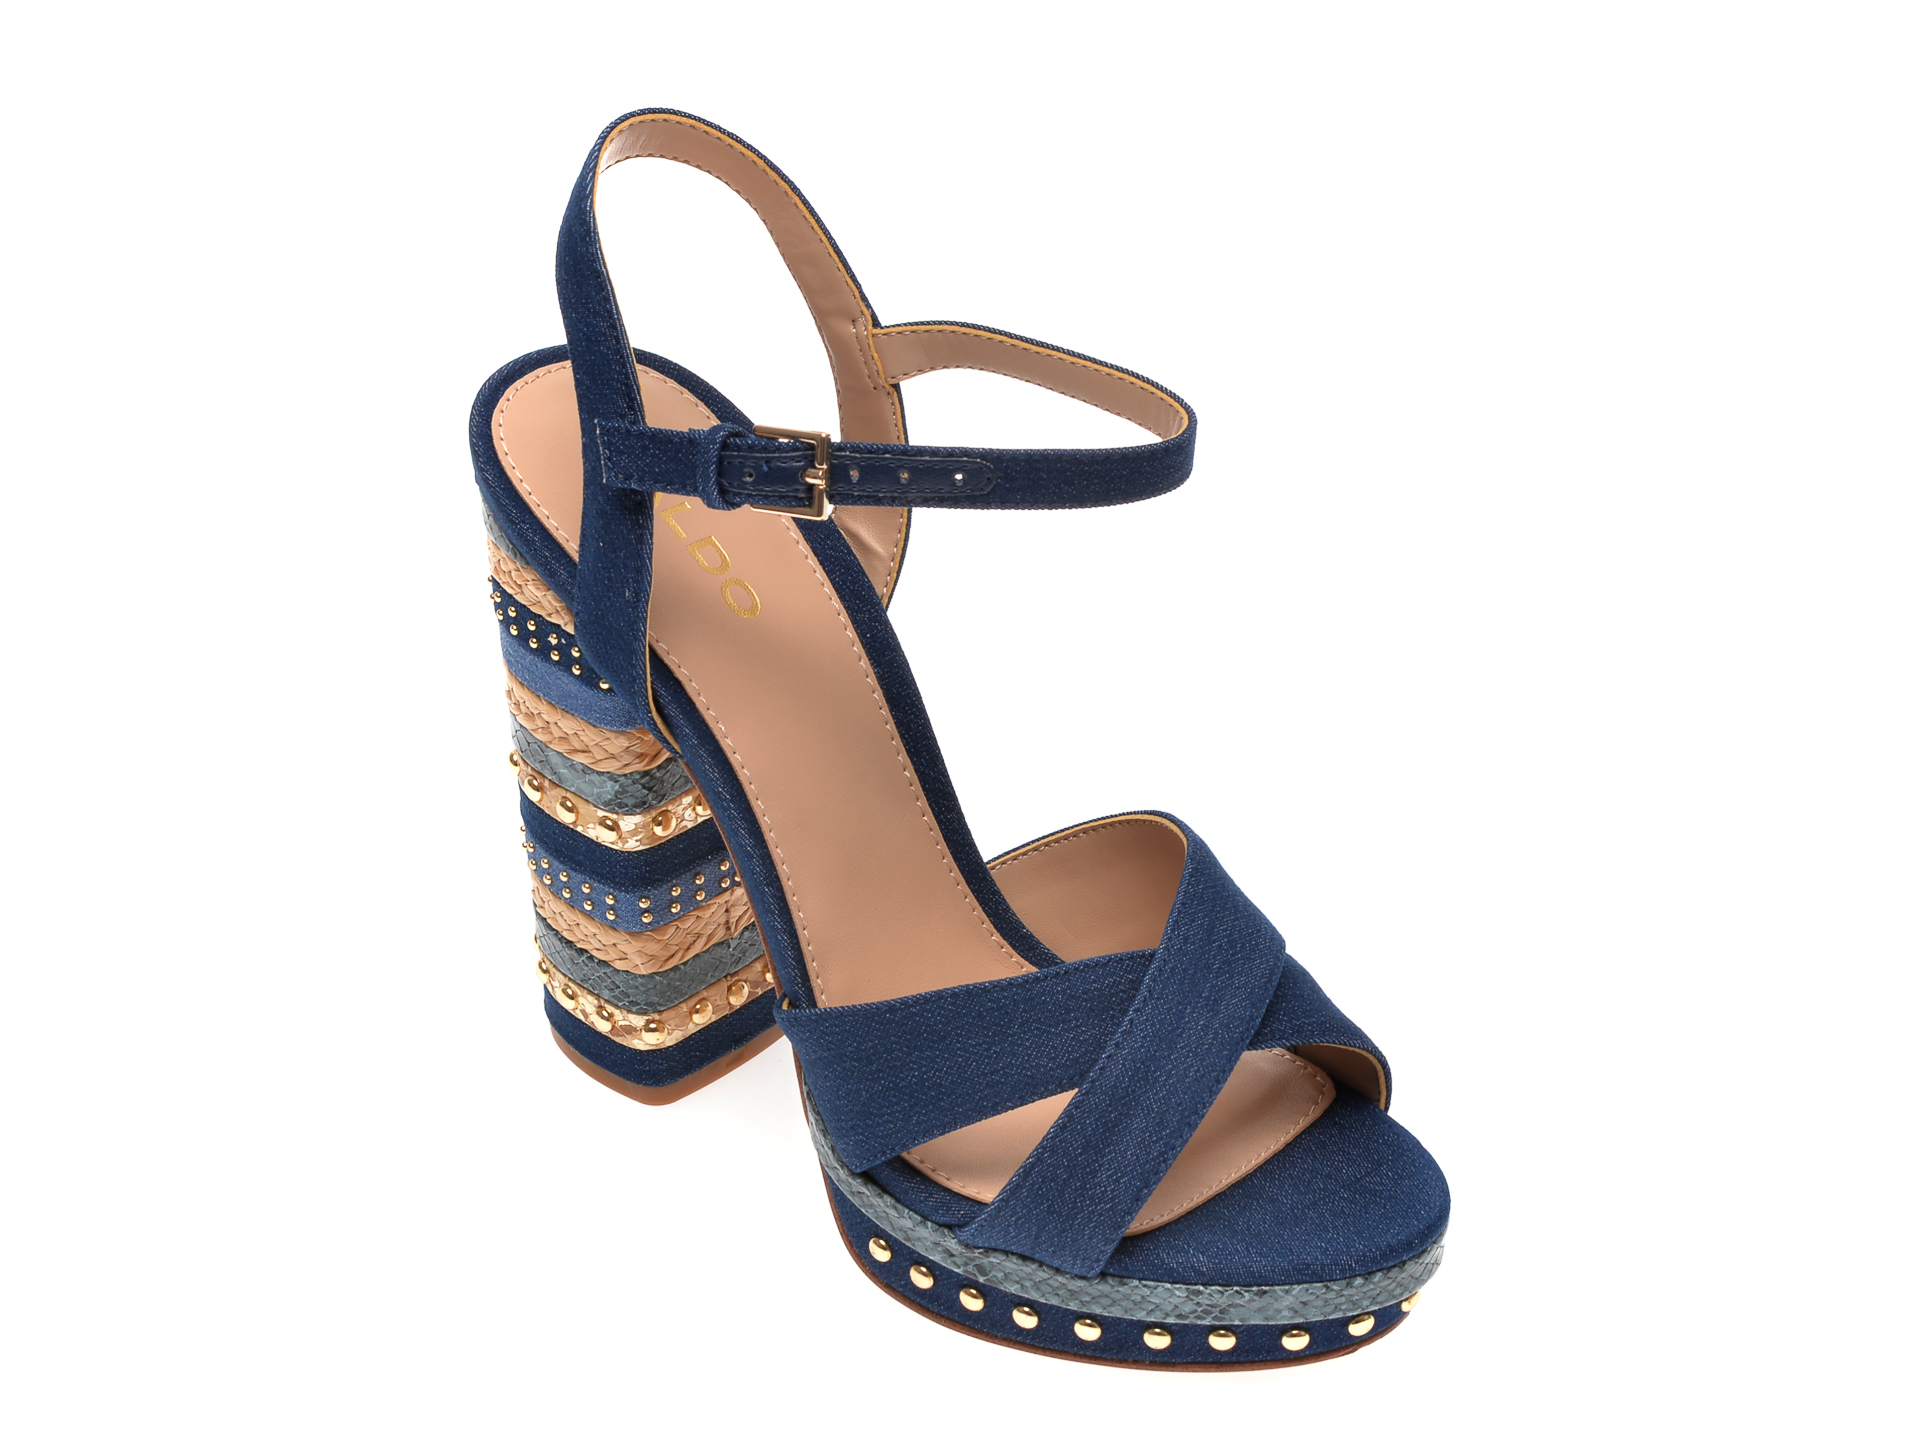 Sandale ALDO bleumarin, Hugs401, din material textil imagine otter.ro 2021